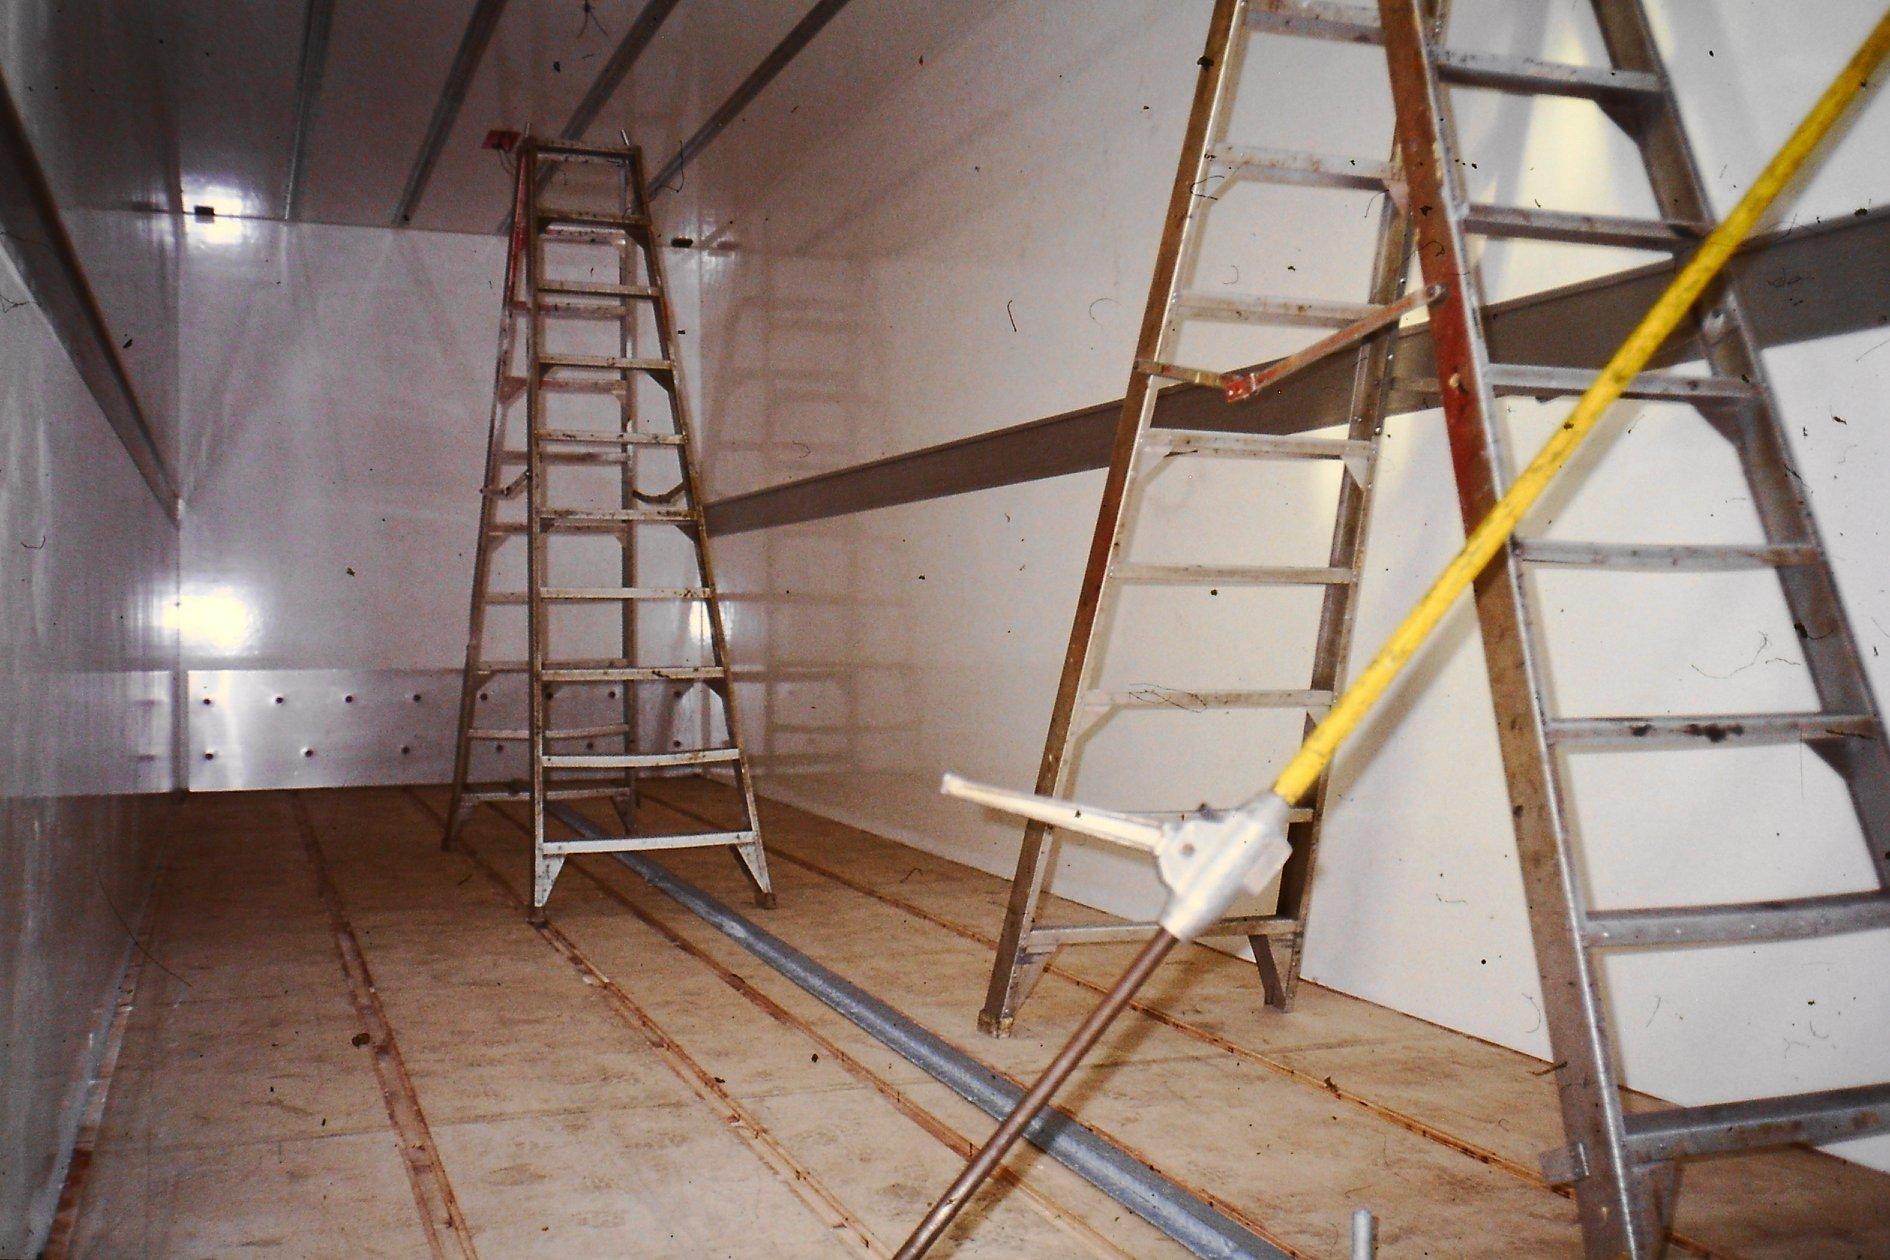 Peter-Nieuwkoop-met-zijn-nieuwe-scania-27-1-2003-12